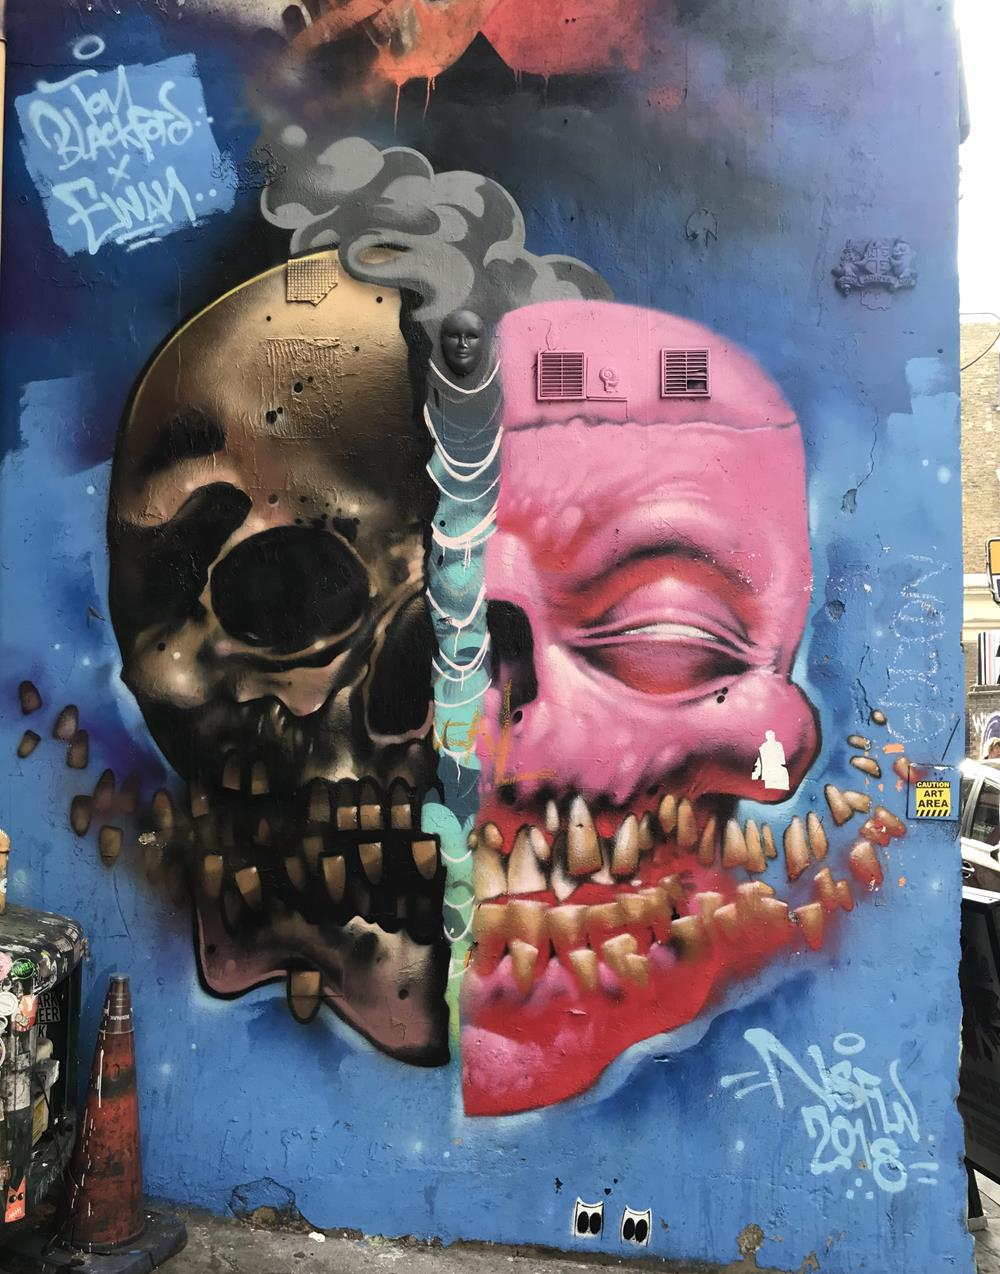 Tom Blackford wall mural of skulls